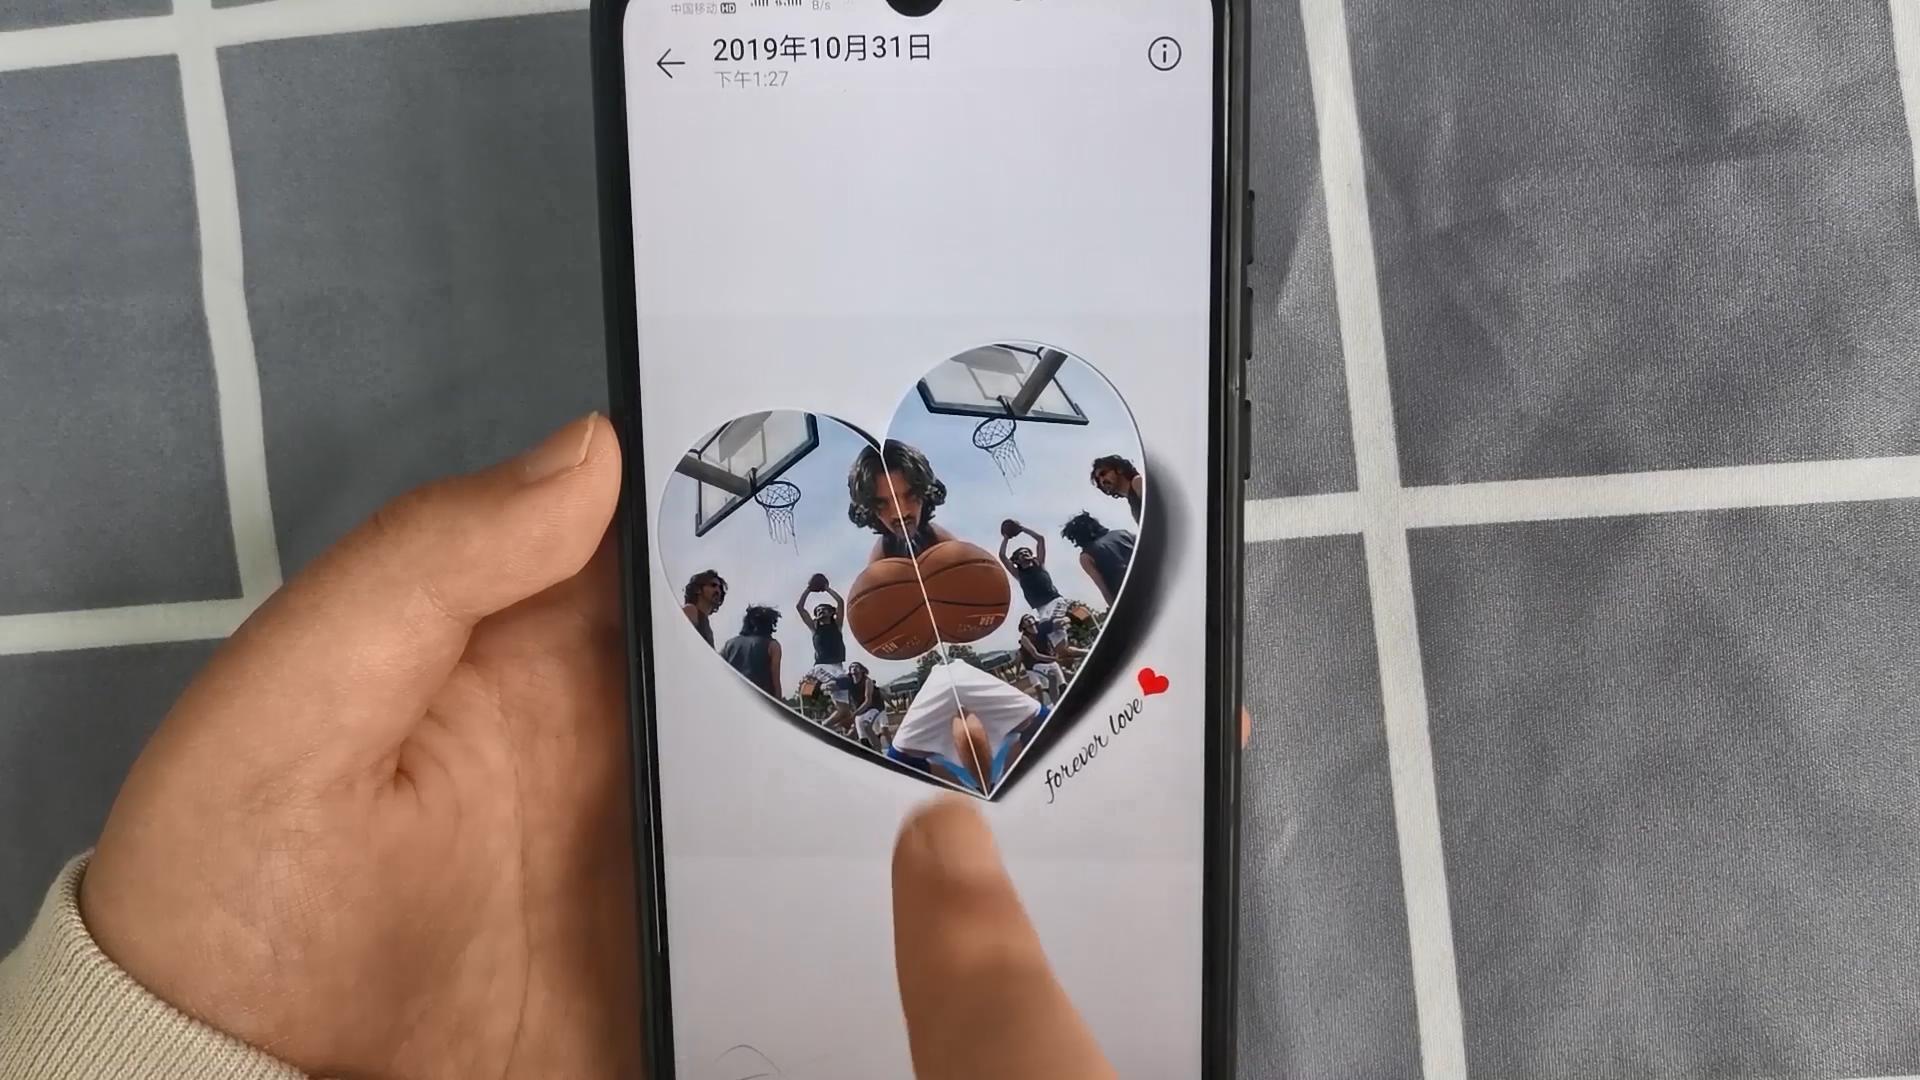 微信头像新玩法来了,教你制作心形3D头像,非常酷炫